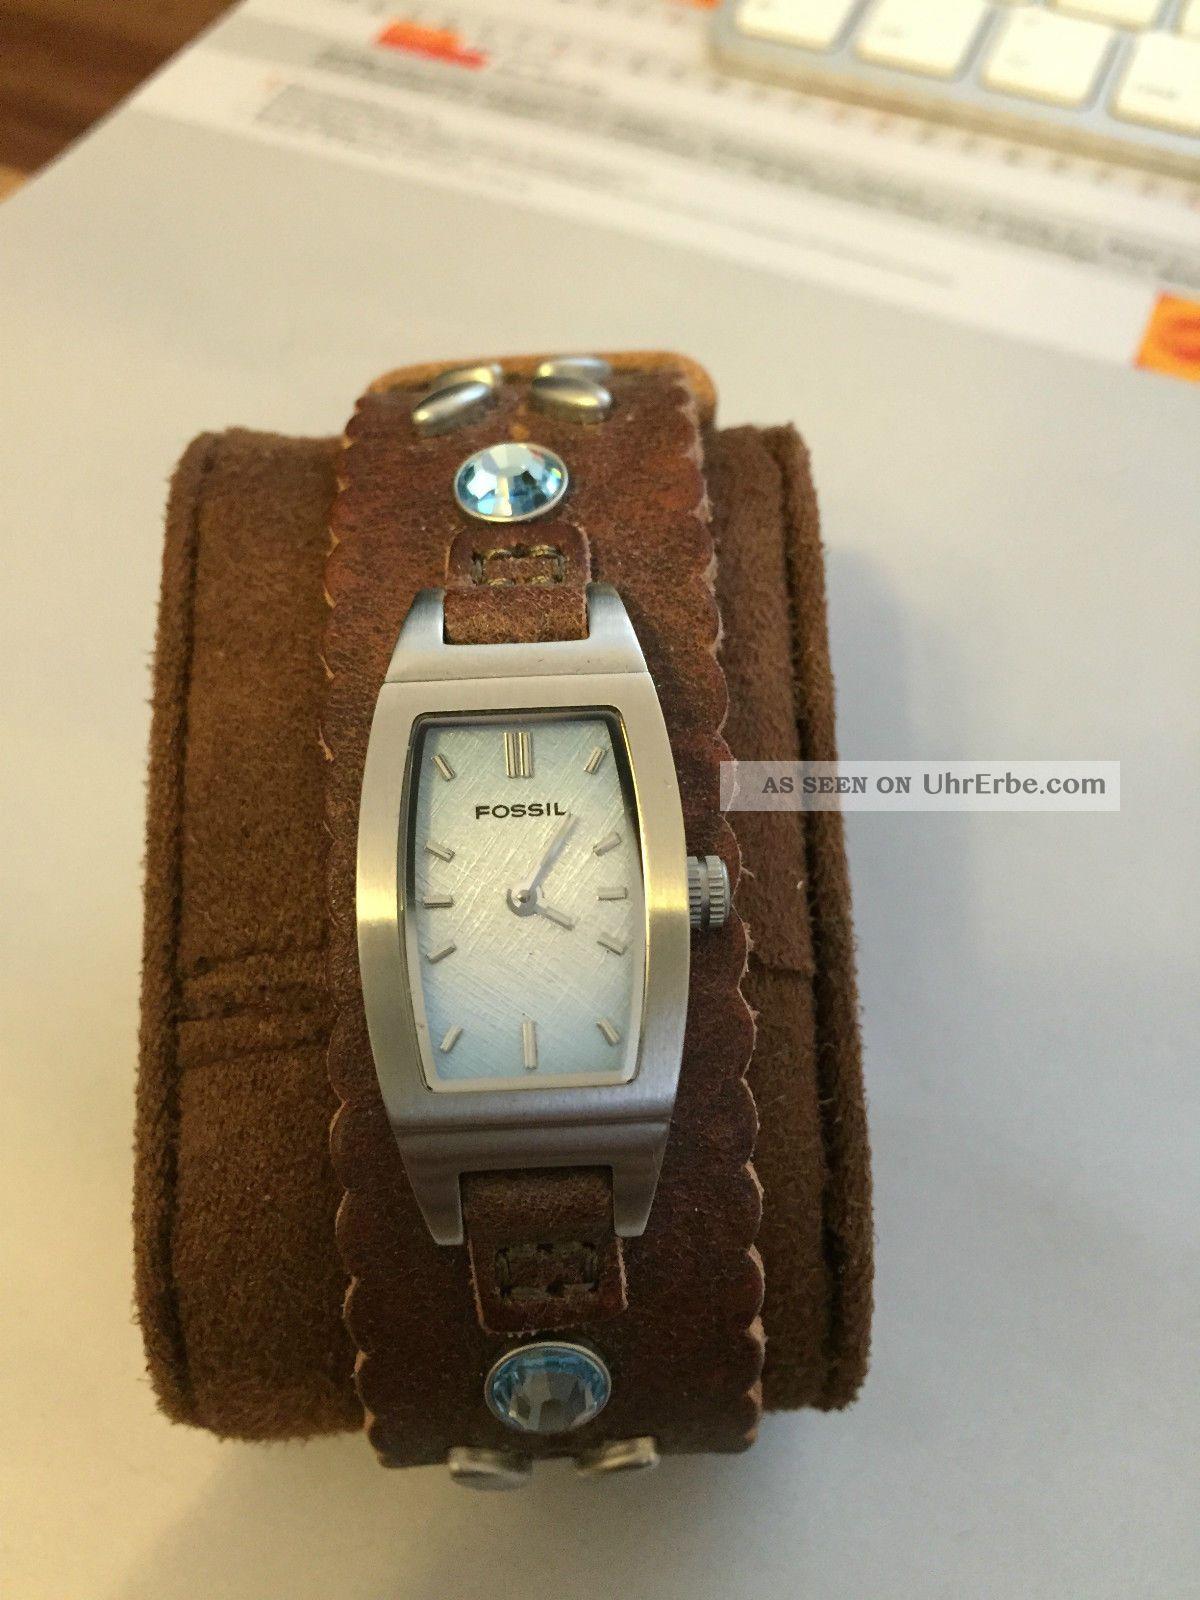 Fossil Damen Armbanduhr Wie Armbanduhren Bild